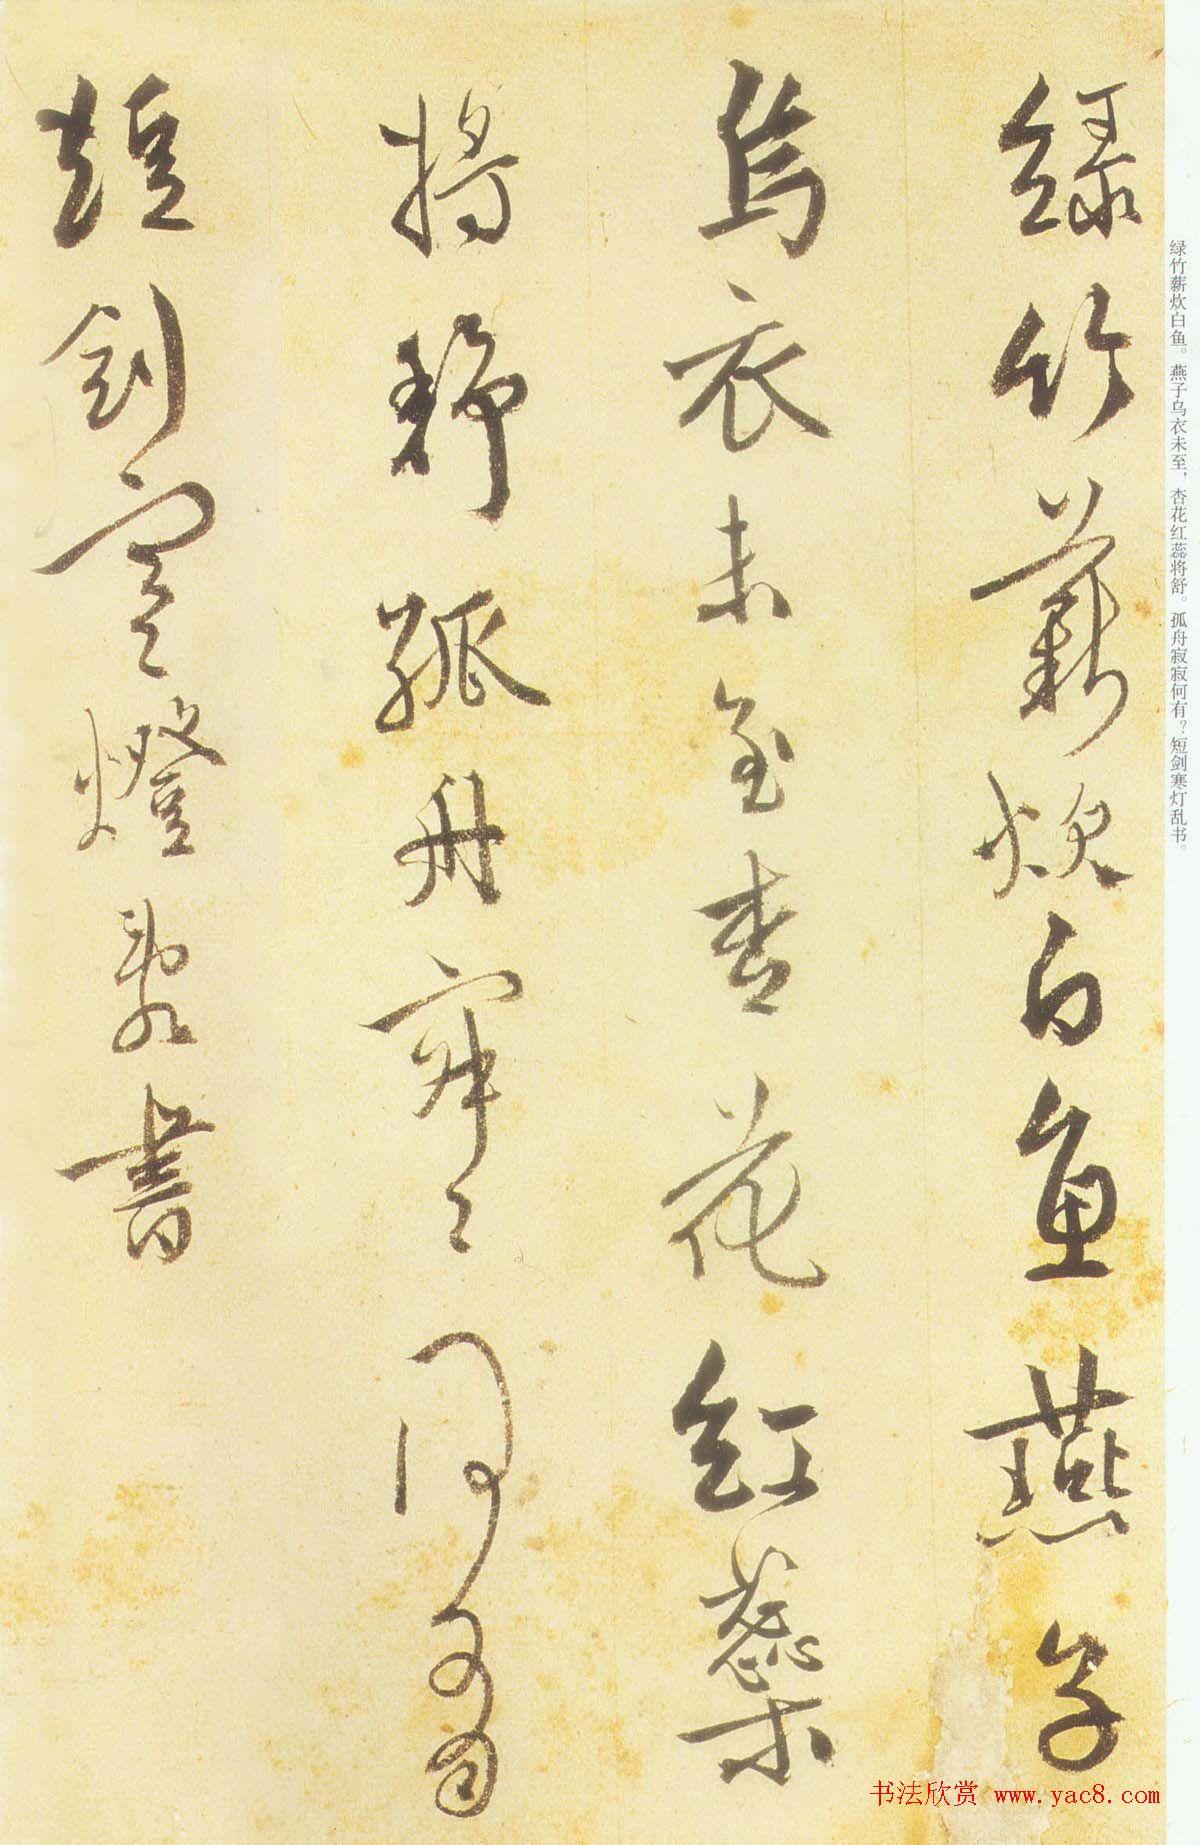 王�a登行草书法册页赏析《义兴杂诗十五首》